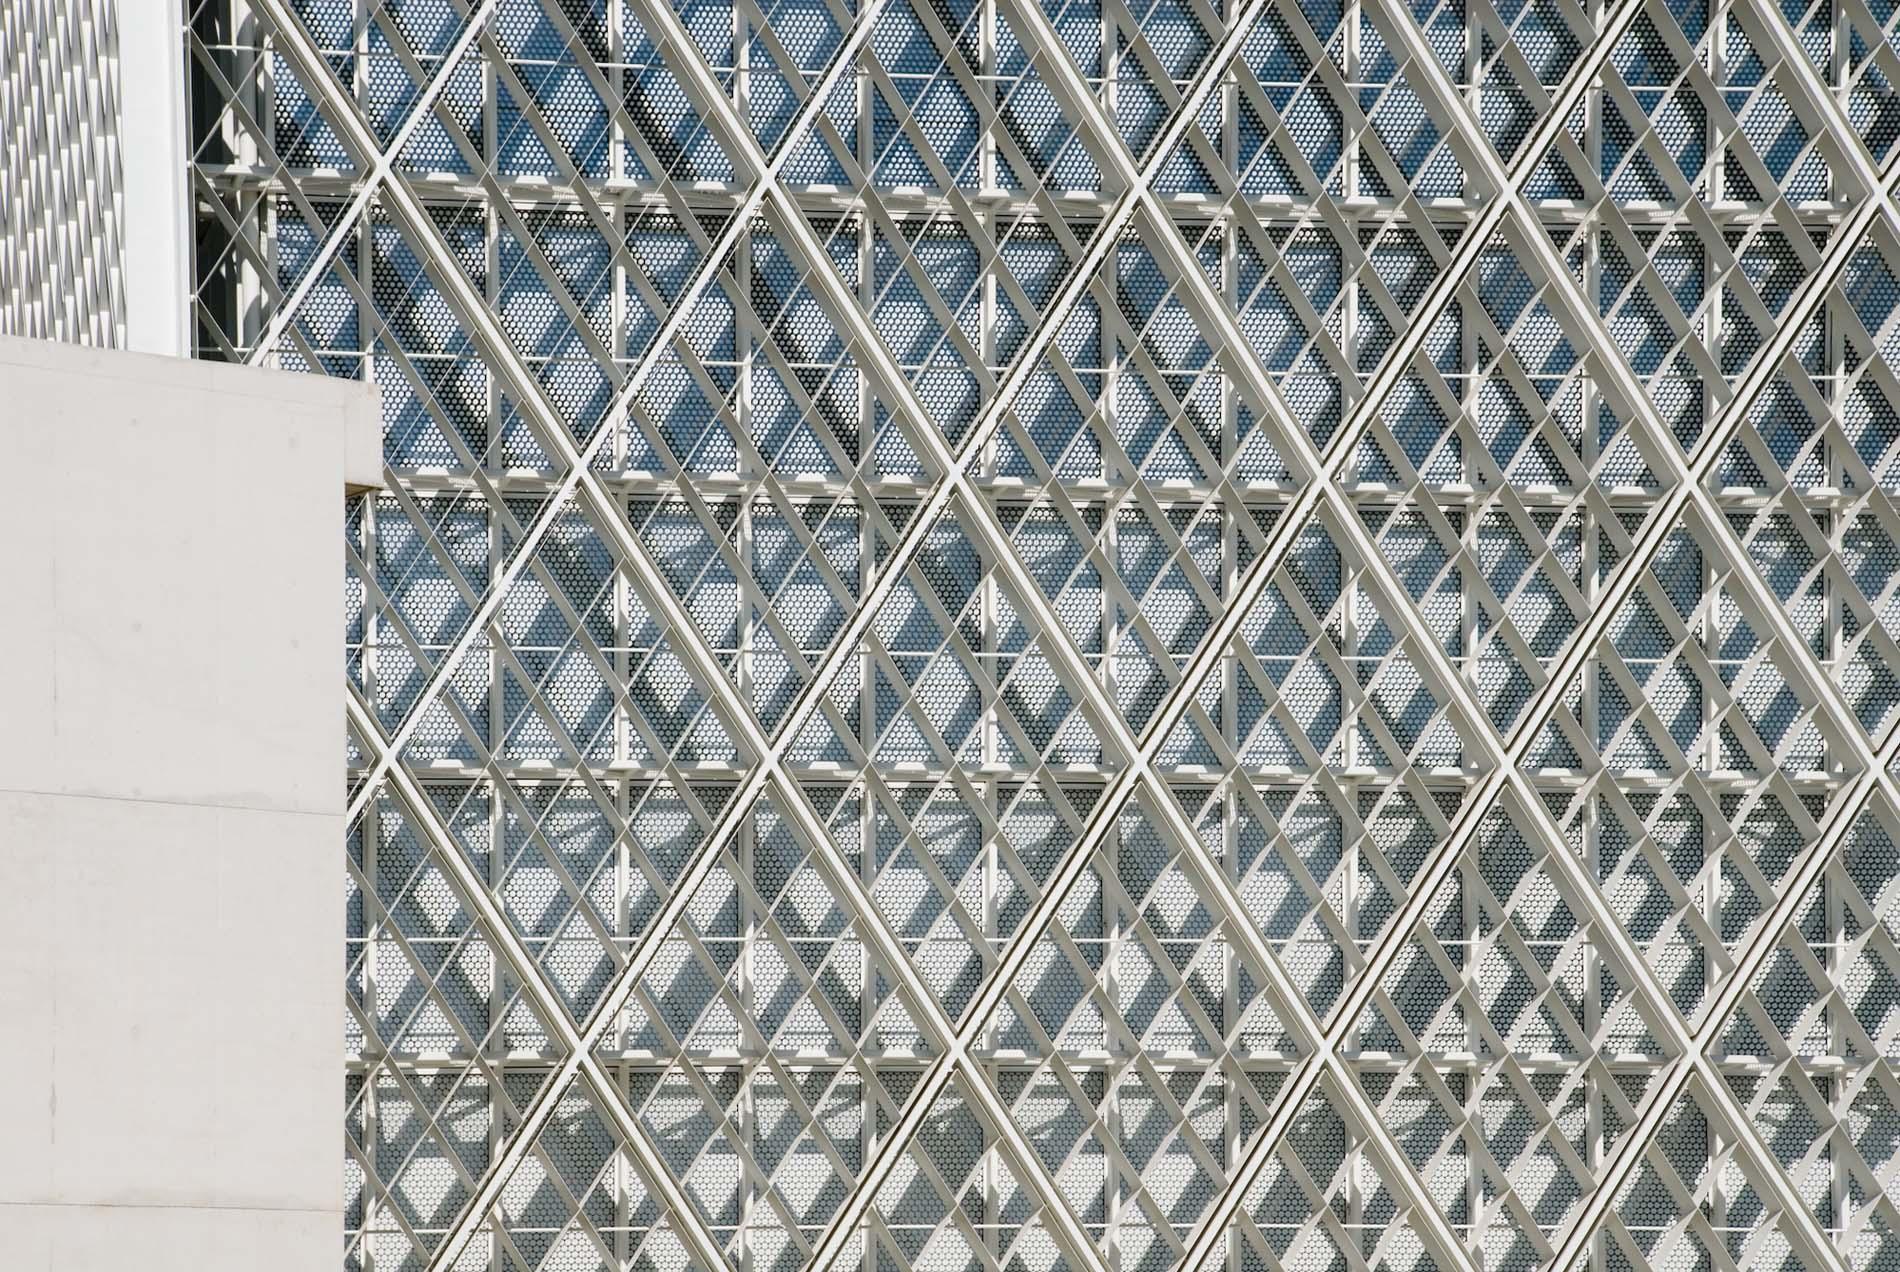 Symmetrisch. Das 1997 gegründete Büro bevk perović arhitekti zählt zu Sloweniens wichtigen Architekten. Das mehrfach prämierte Büro konzipierte das islamische Religions- und Kulturzentrum LJUBLANA. Es wird momentan fertiggestellt.